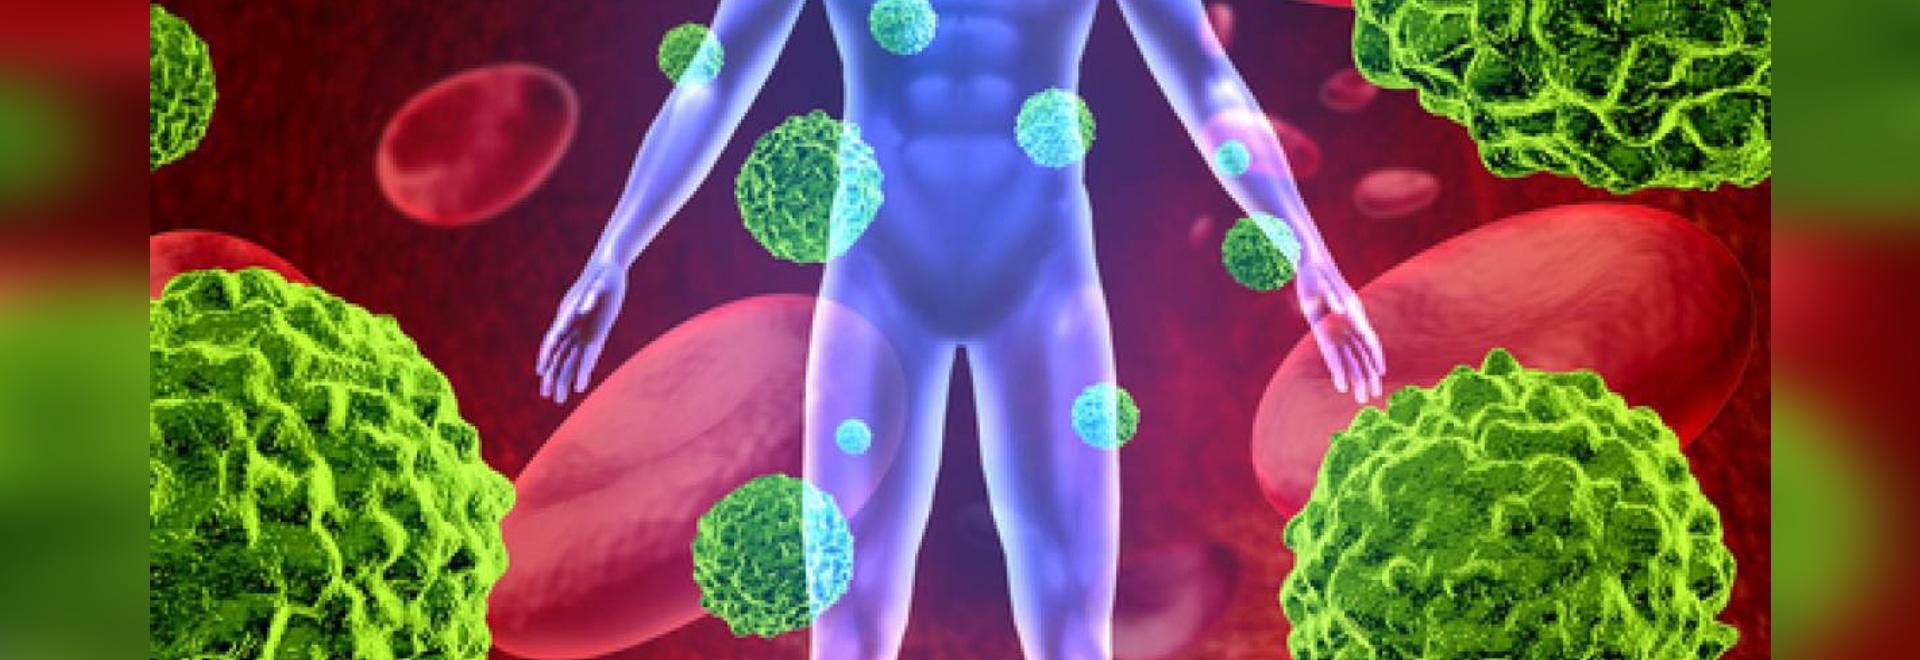 L'analyse complète indique la dynamique de système immunitaire après l'immunothérapie